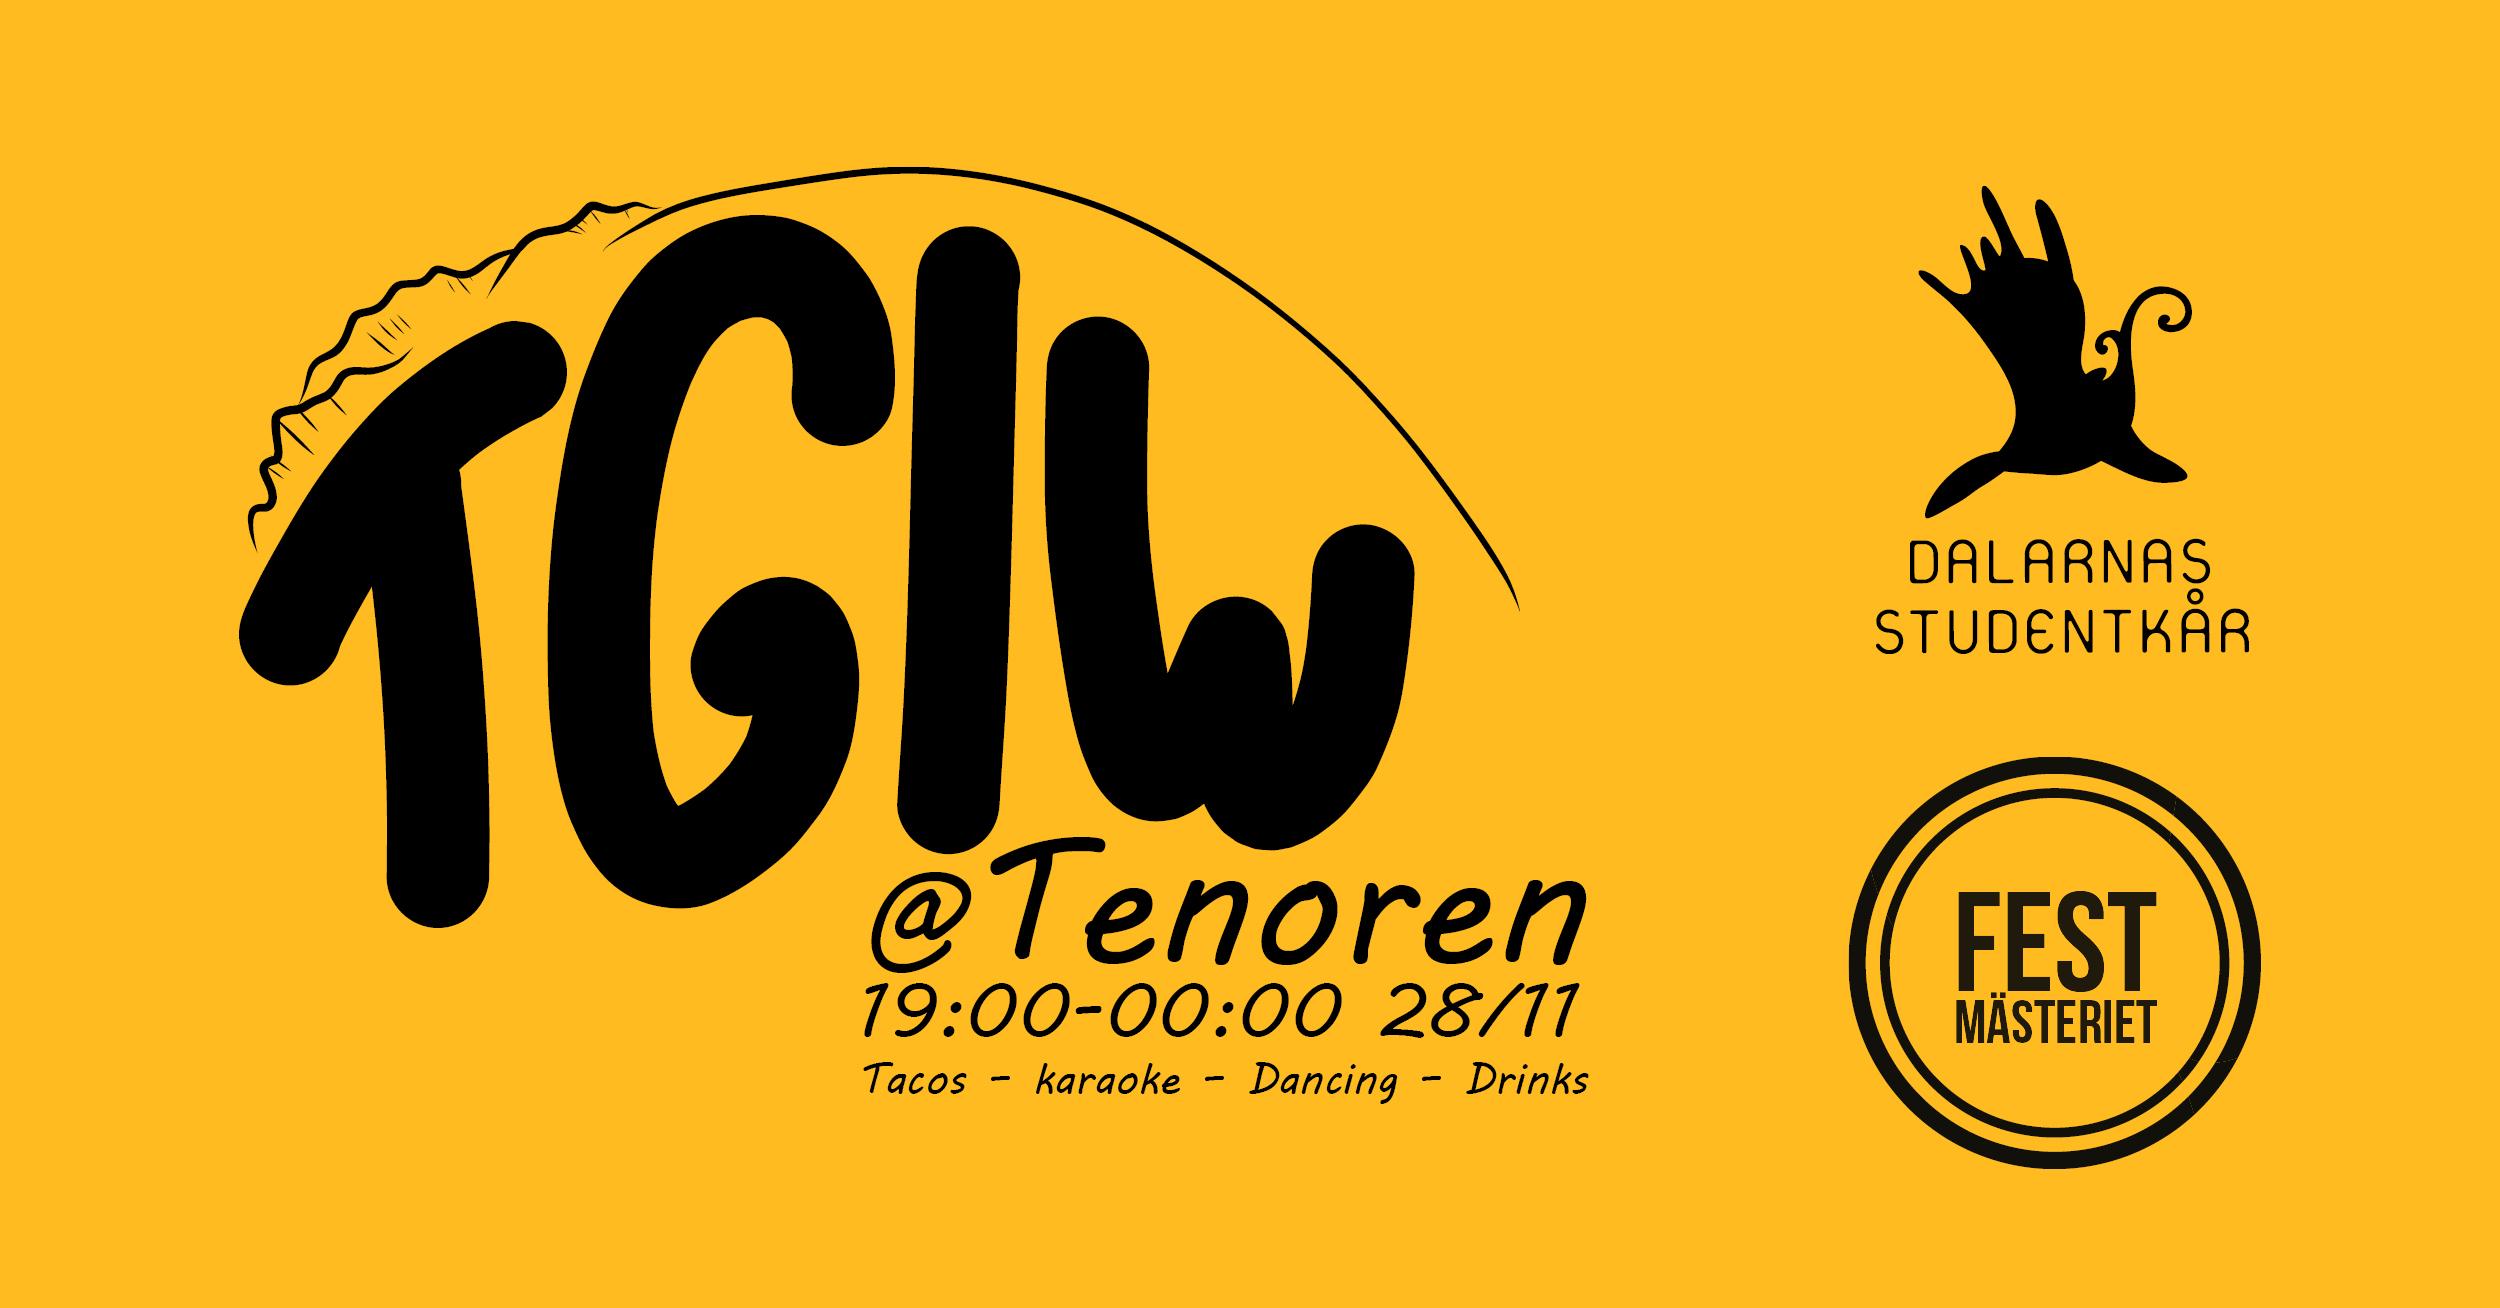 TGIW - Thank God it's Wednesday. Varannan vecka serverade Tenoren en Pizza/Taco buffé. Denna eventbild användes användes för premiärkvällen. Till denna bild gjordes även en flyer i samma stil